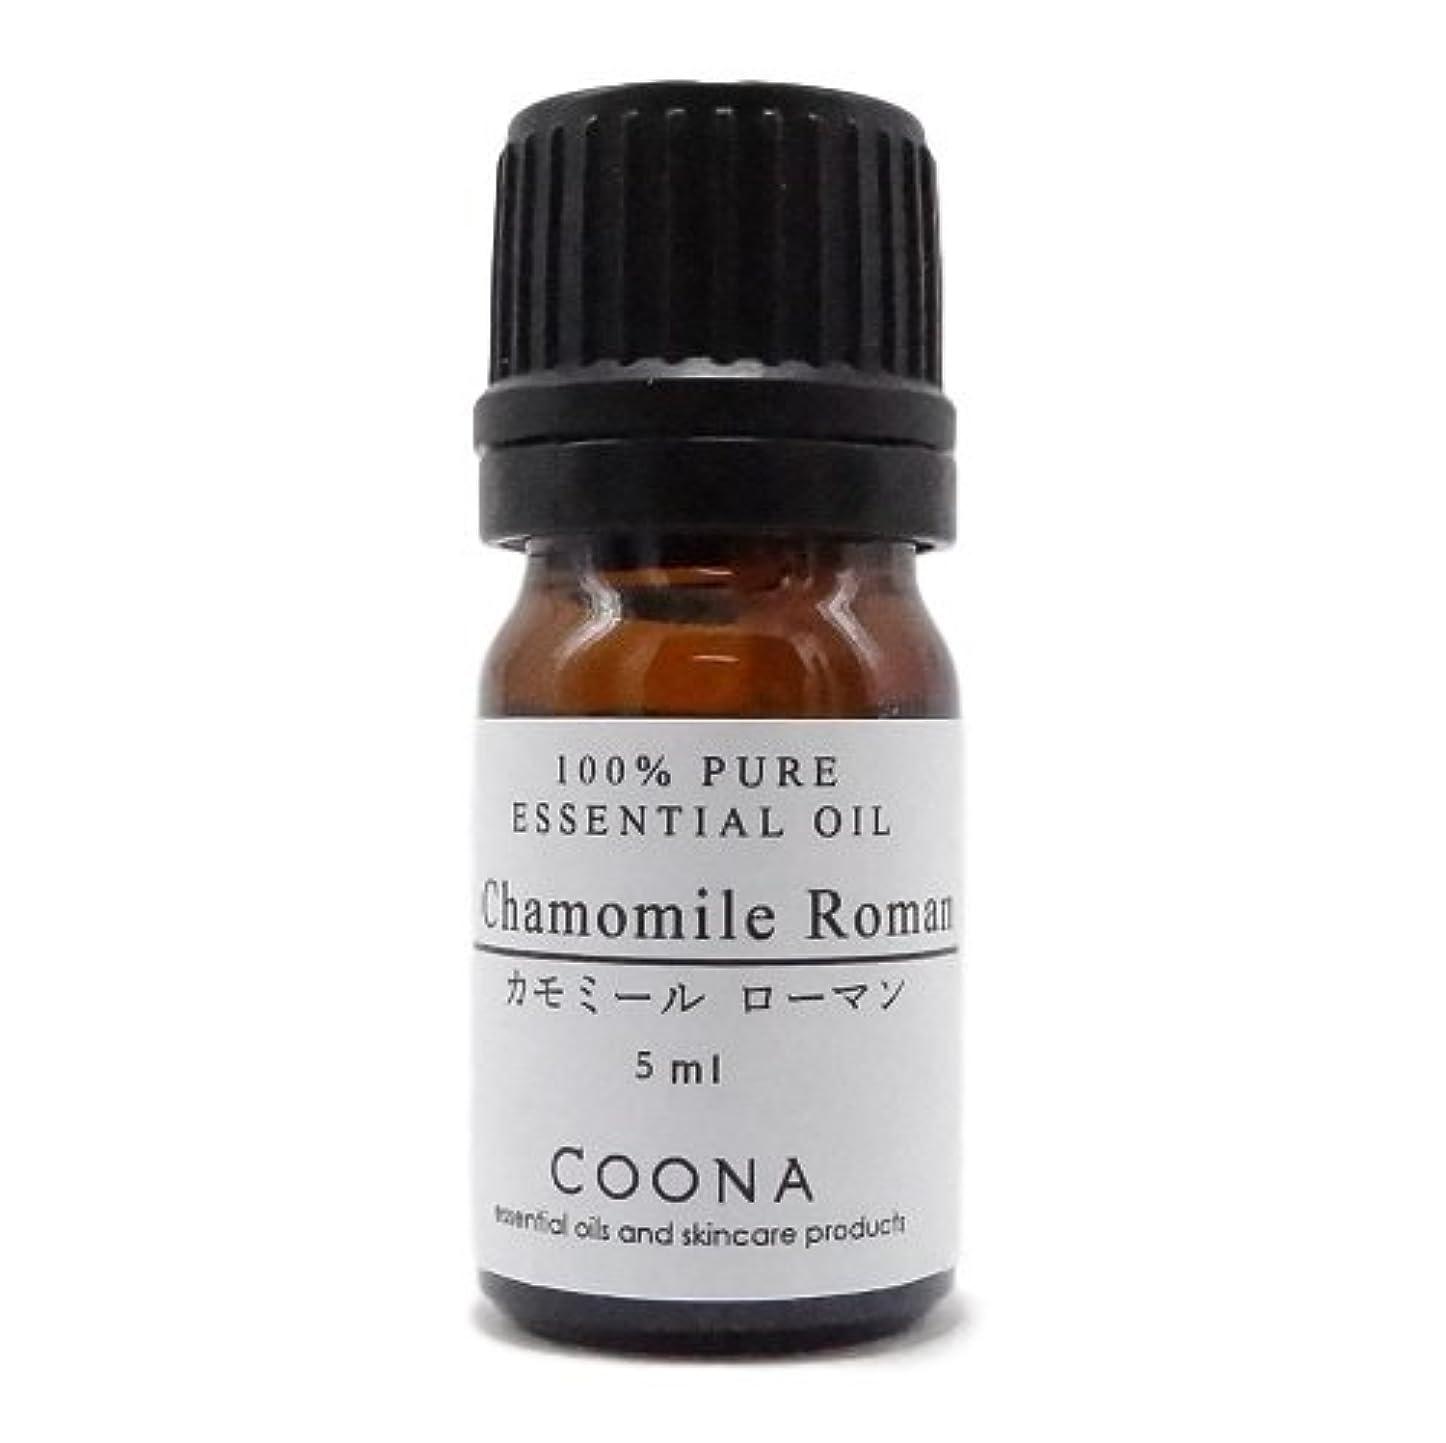 レキシコンペン著名なカモミール ローマン 5 ml (COONA エッセンシャルオイル アロマオイル 100%天然植物精油)